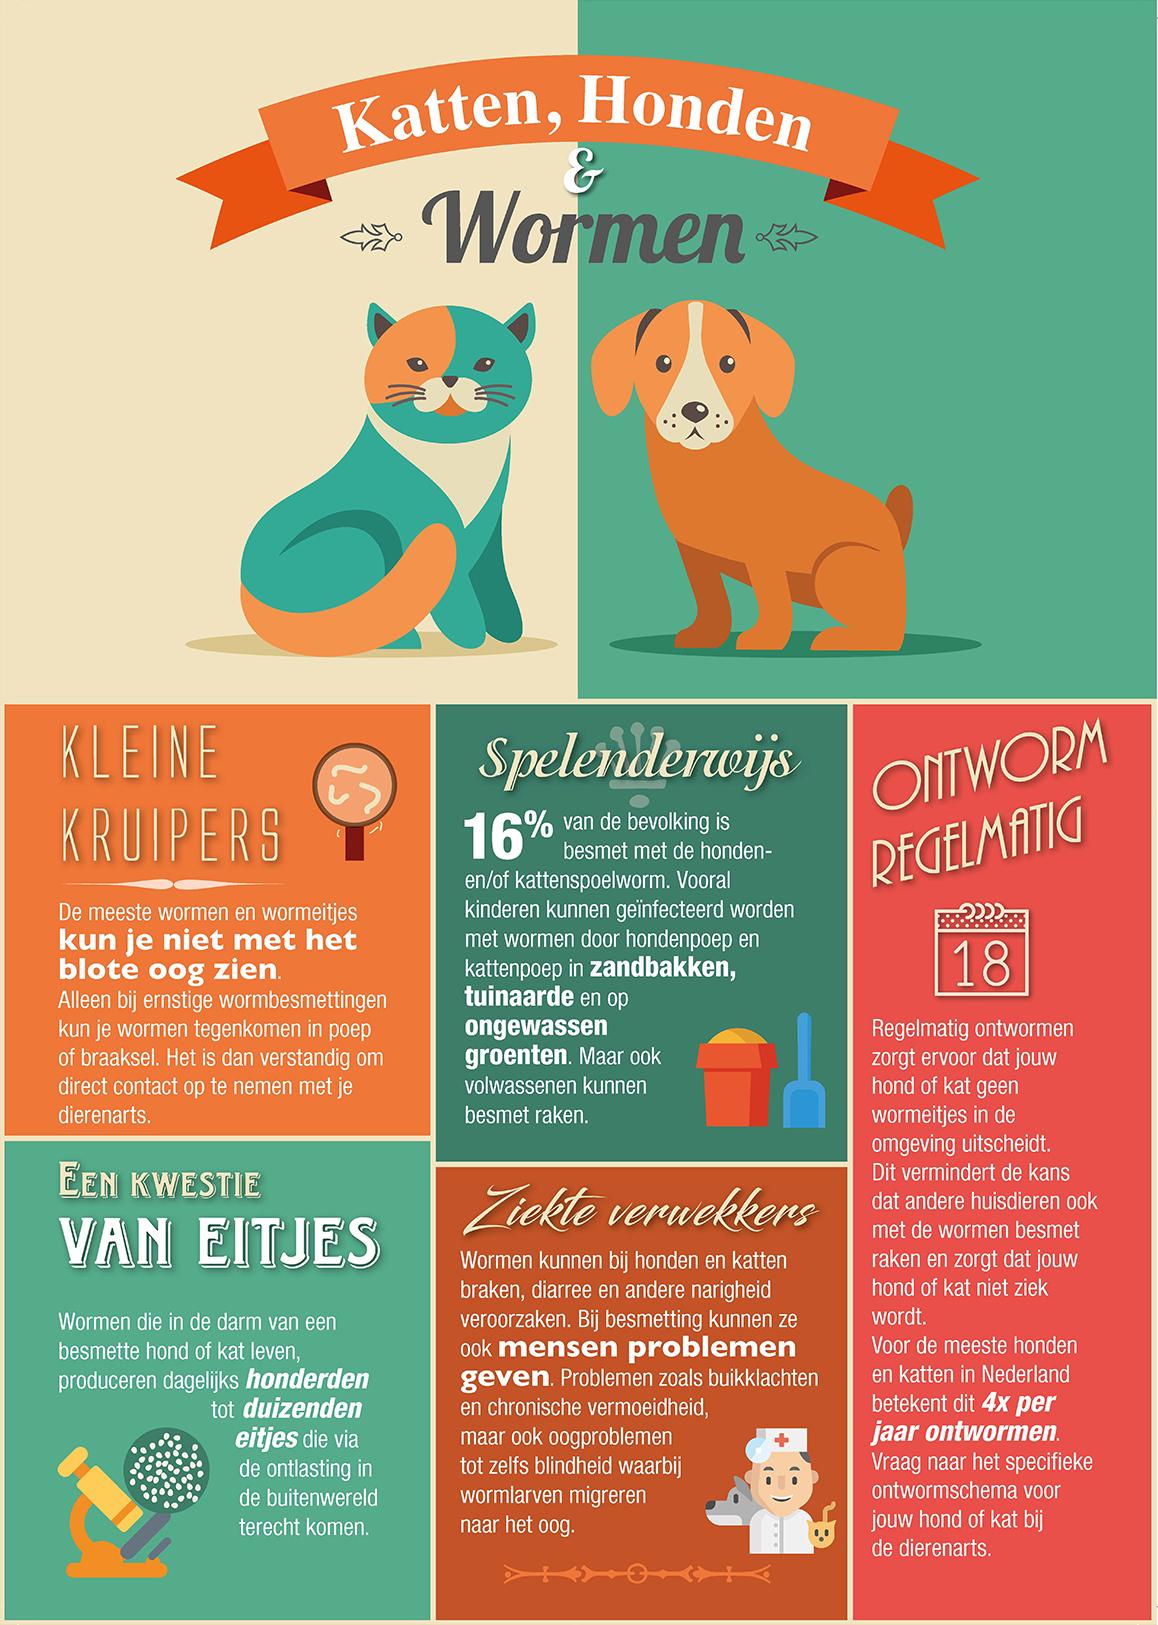 Infographic: katten, honden en wormen. Deze infographic legt uit wat wormen zijn, waar ze voorkomen, wat de gezondheidsproblemen zijn en hoe je je huisdier kan ontwormen.